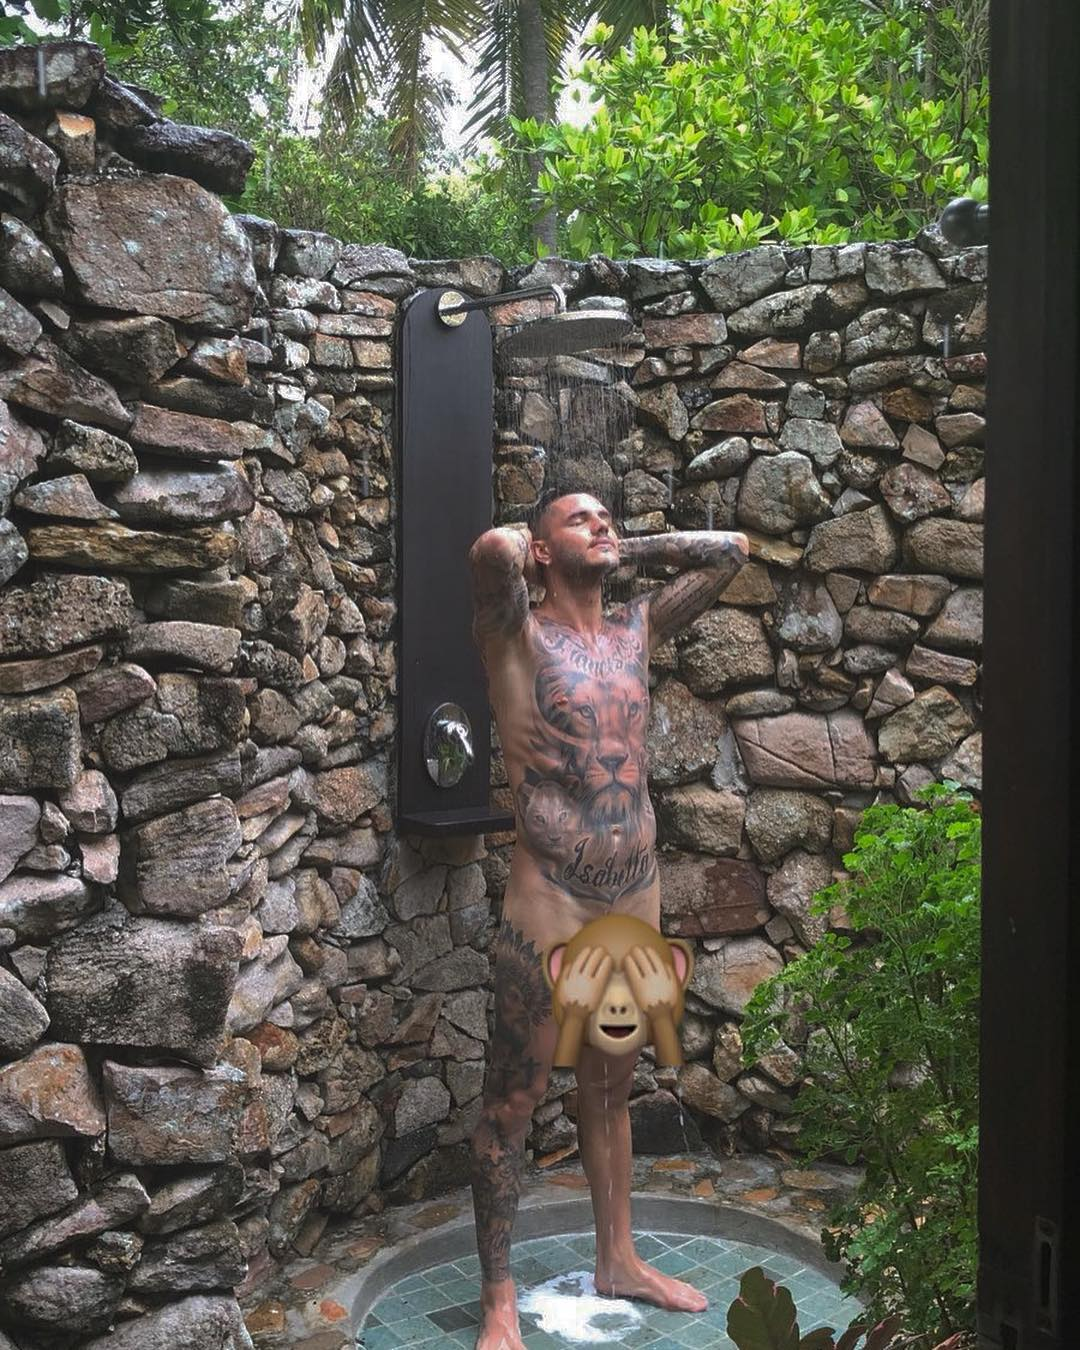 Wanda nara si vendica di icardi lo fotografa nudo e posta su instagram - Spiare dalla finestra ...